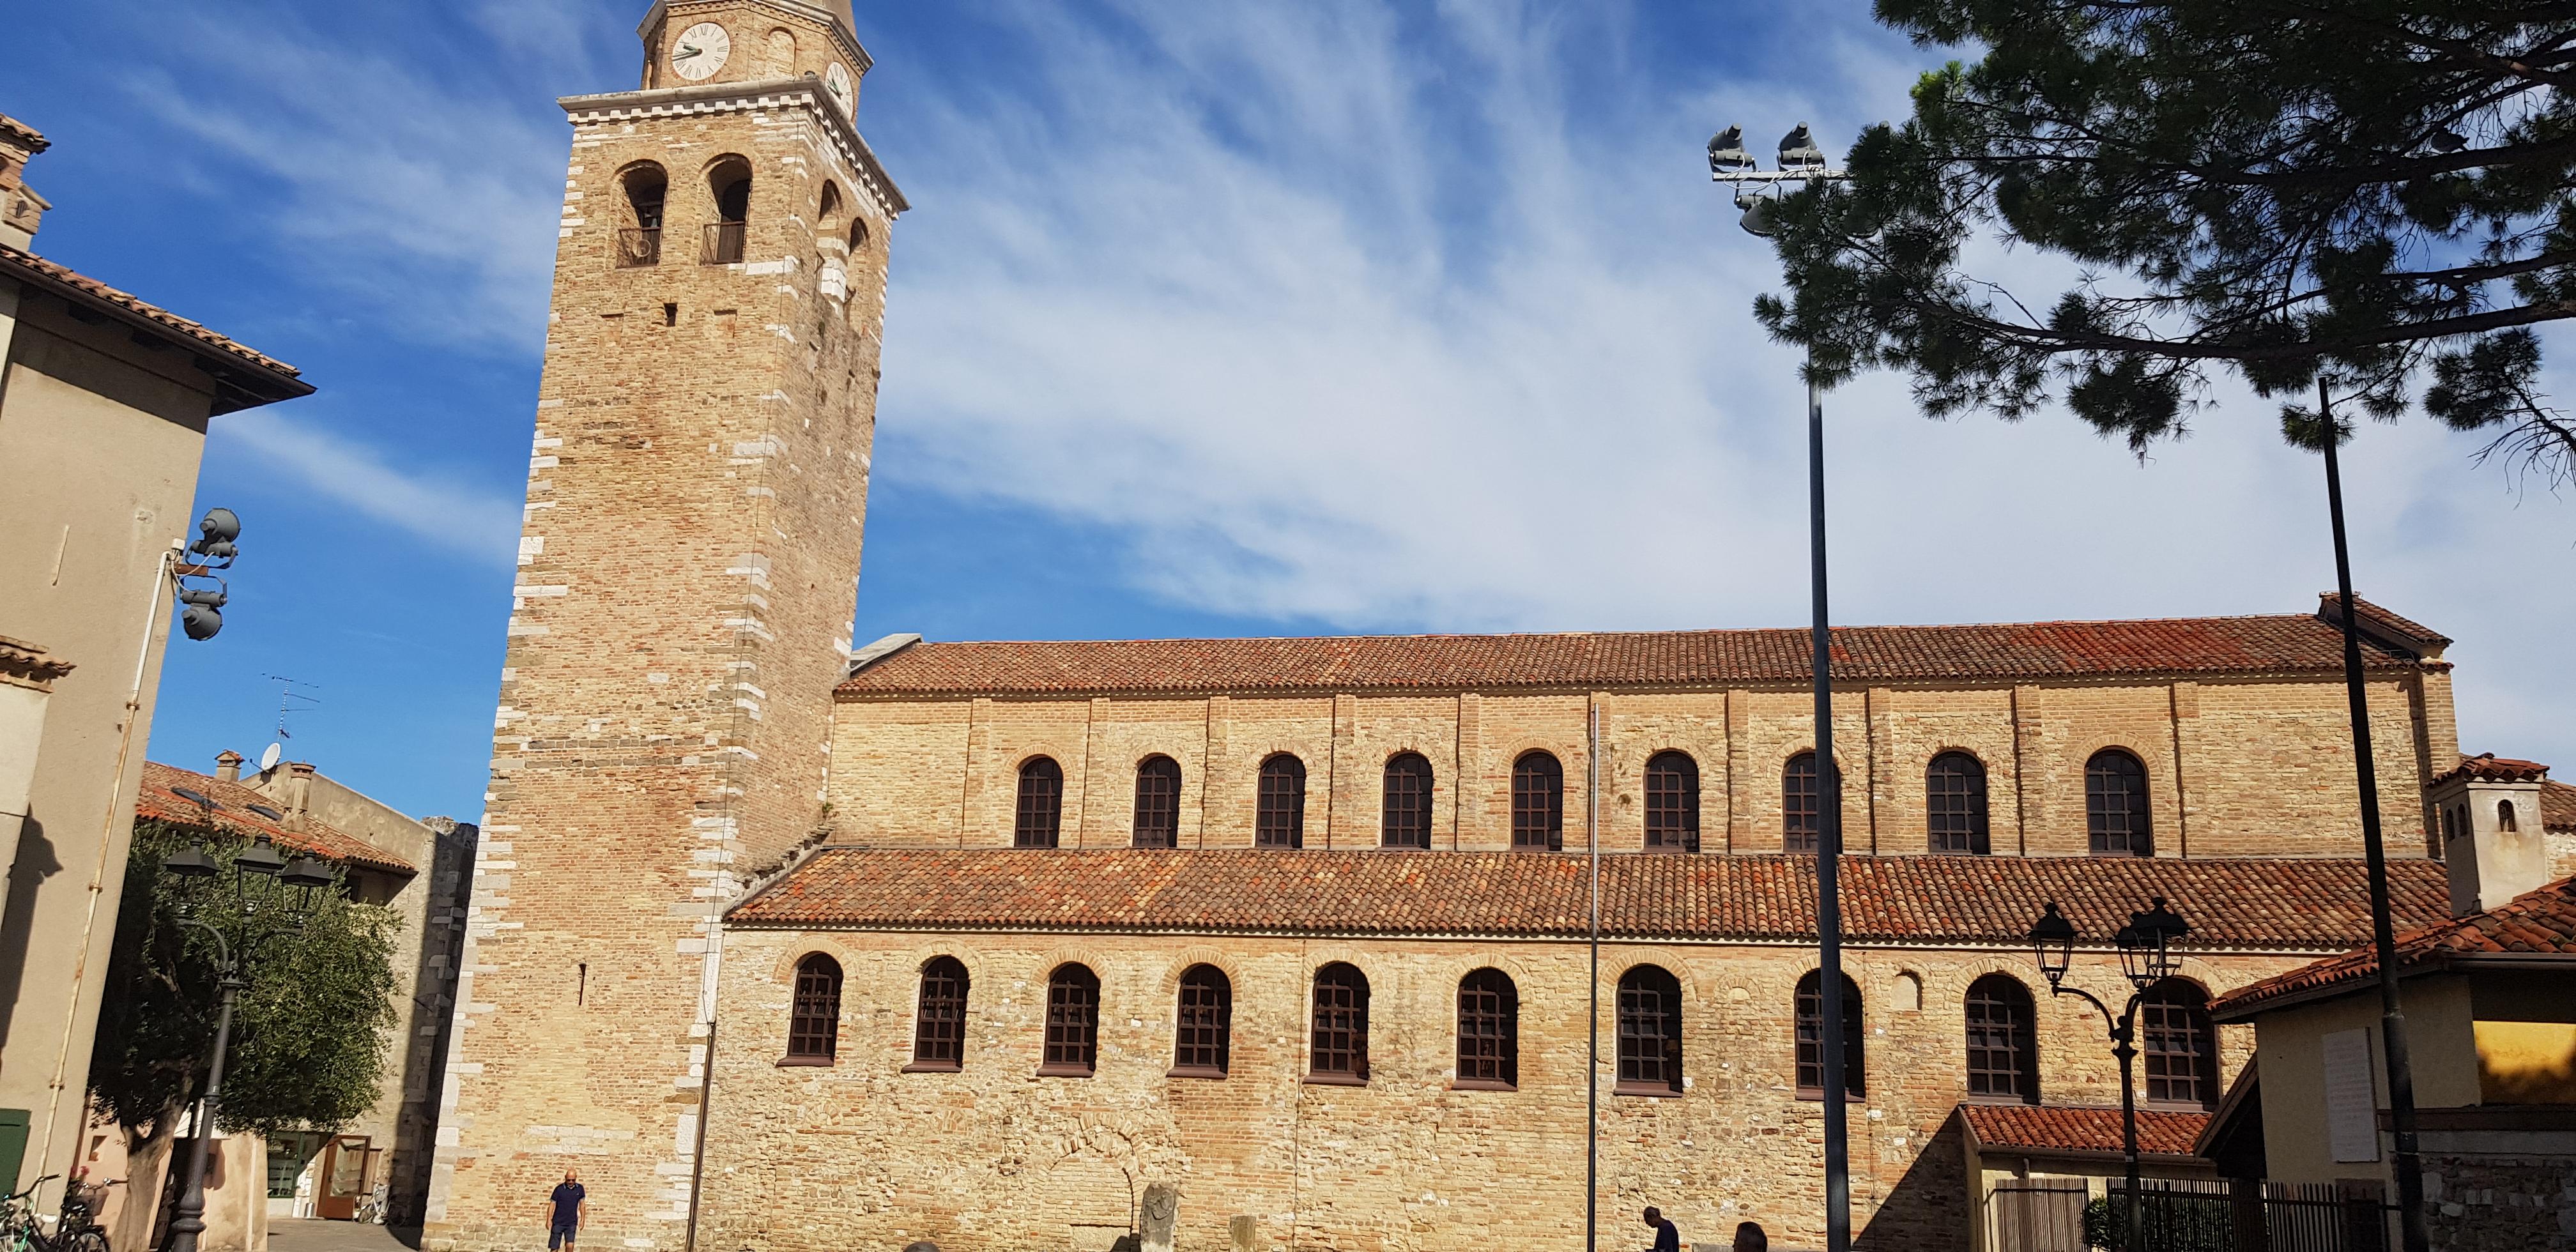 Grado Basilica Santa Eufemia